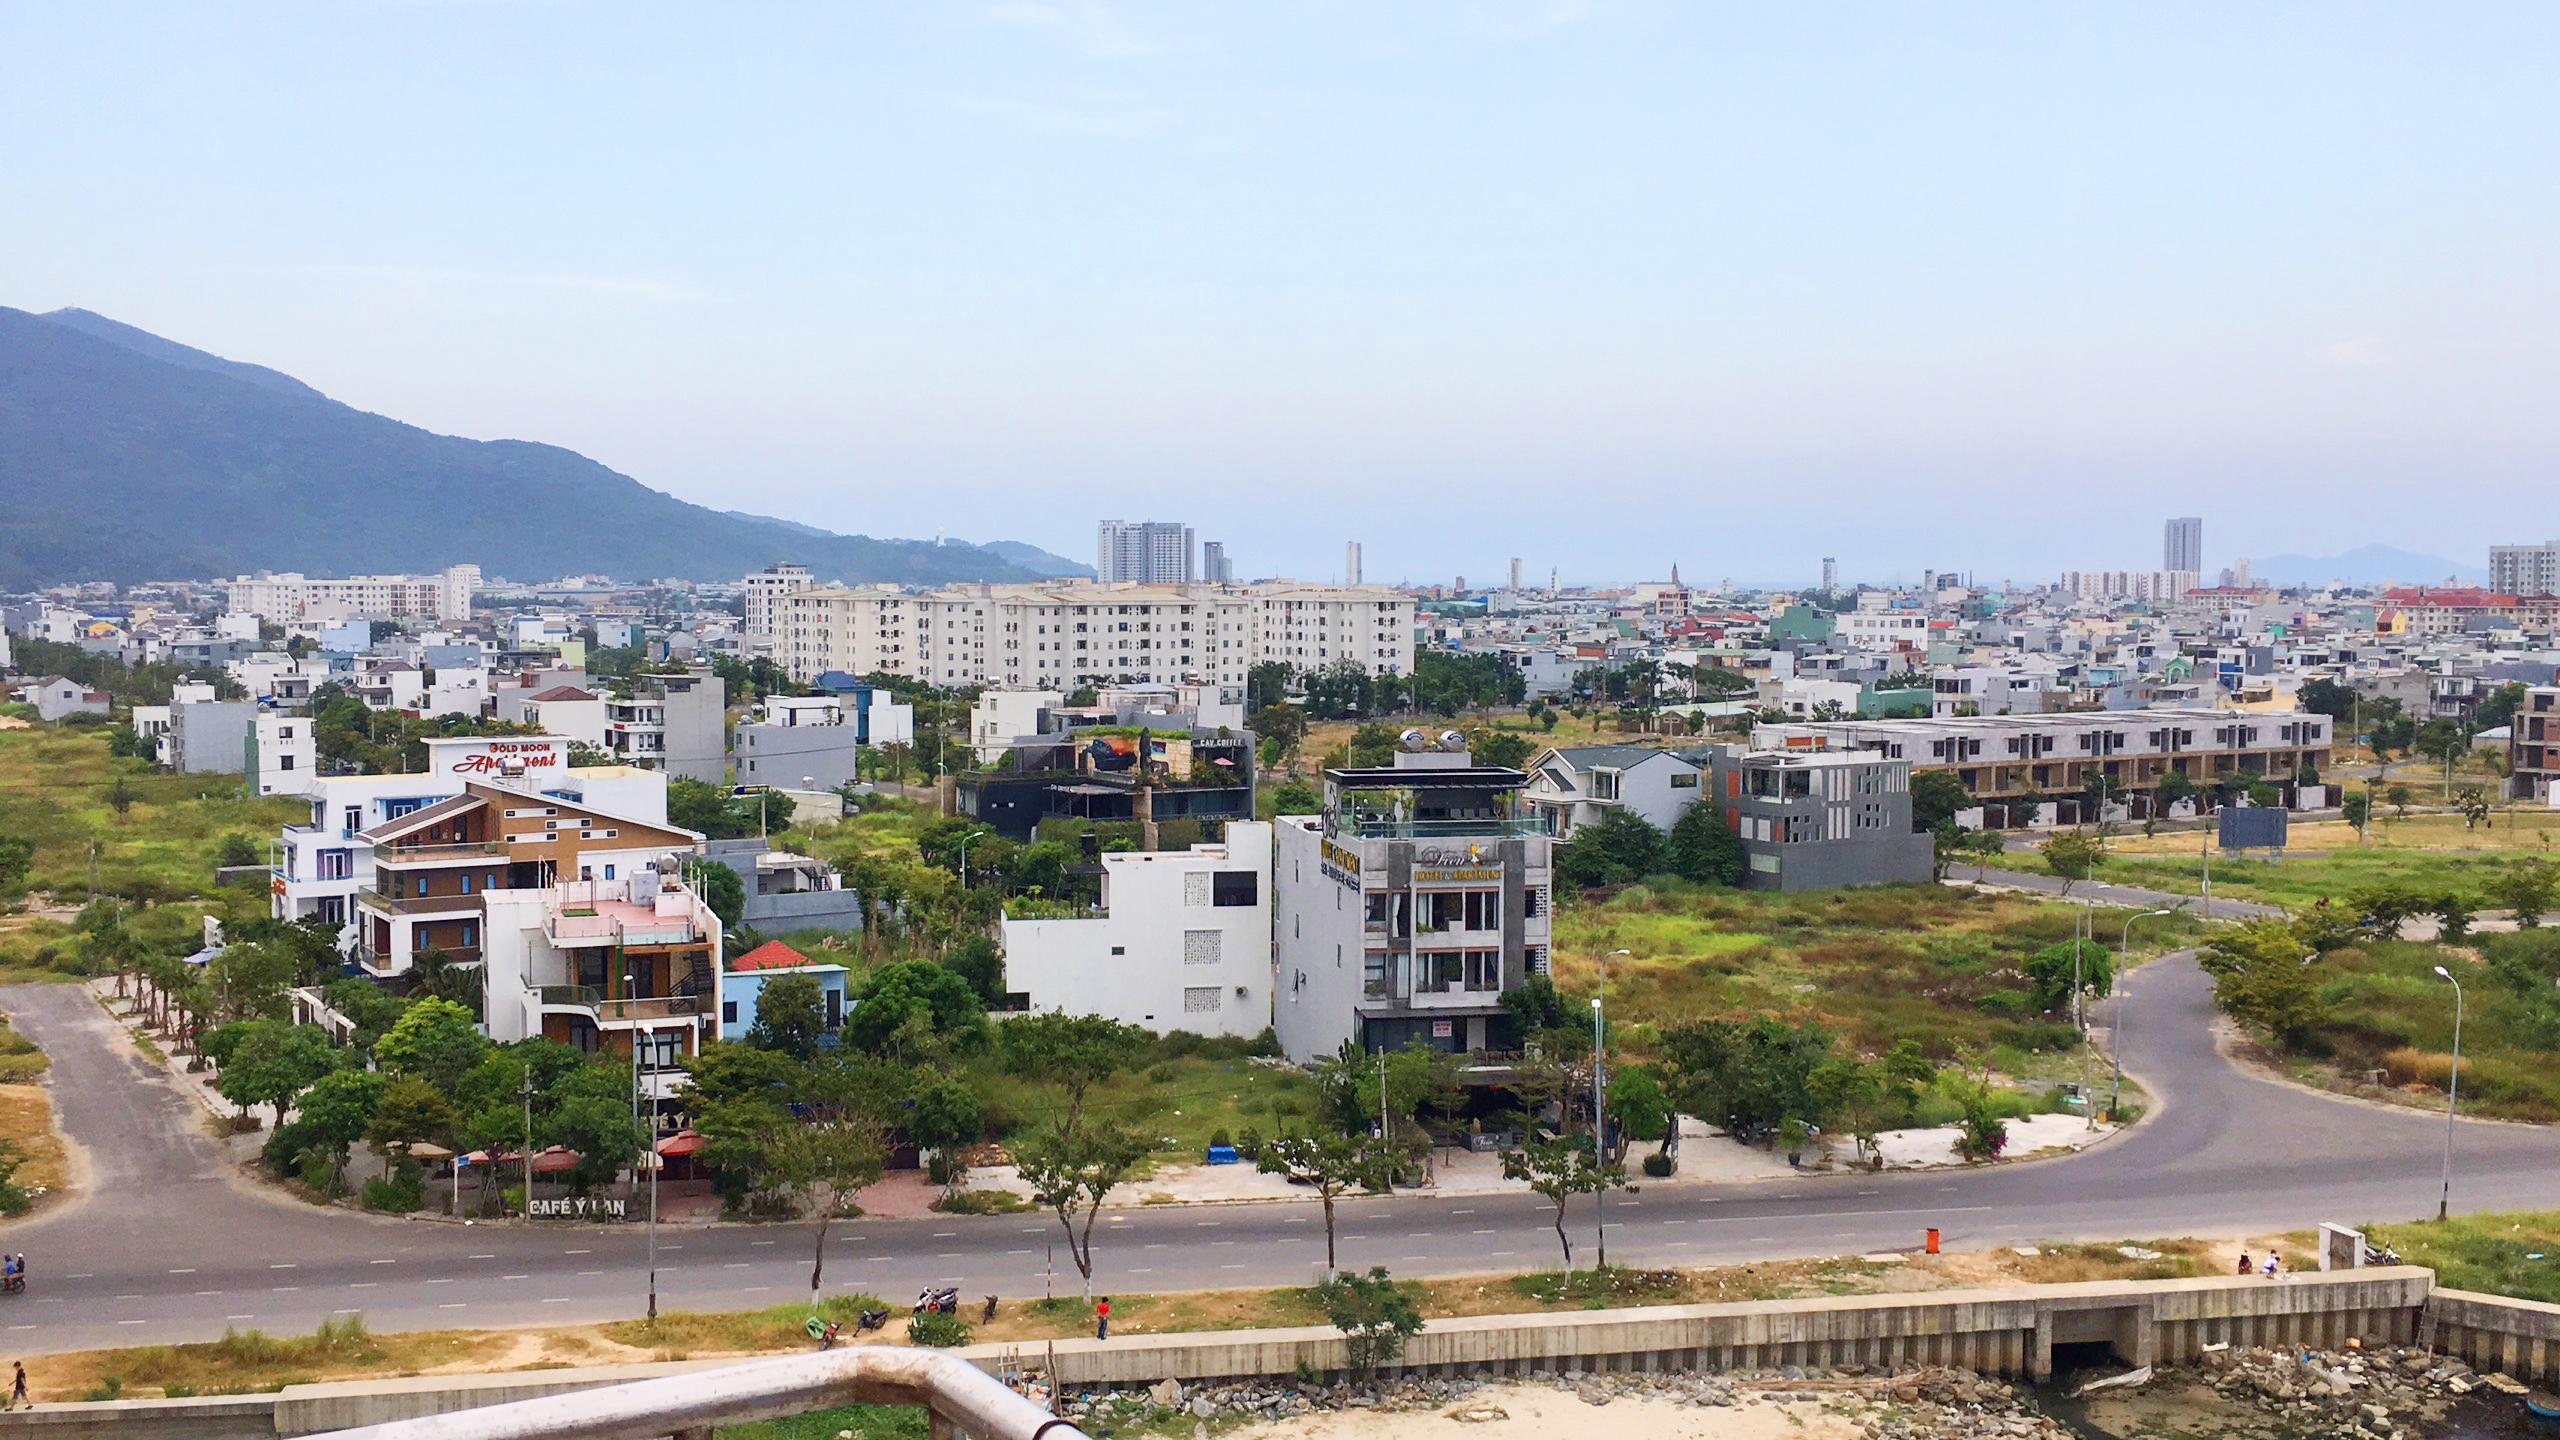 Thị trường BĐS Đà Nẵng 'xẹp' sau cơn sóng sốt giá đất - Ảnh 4.